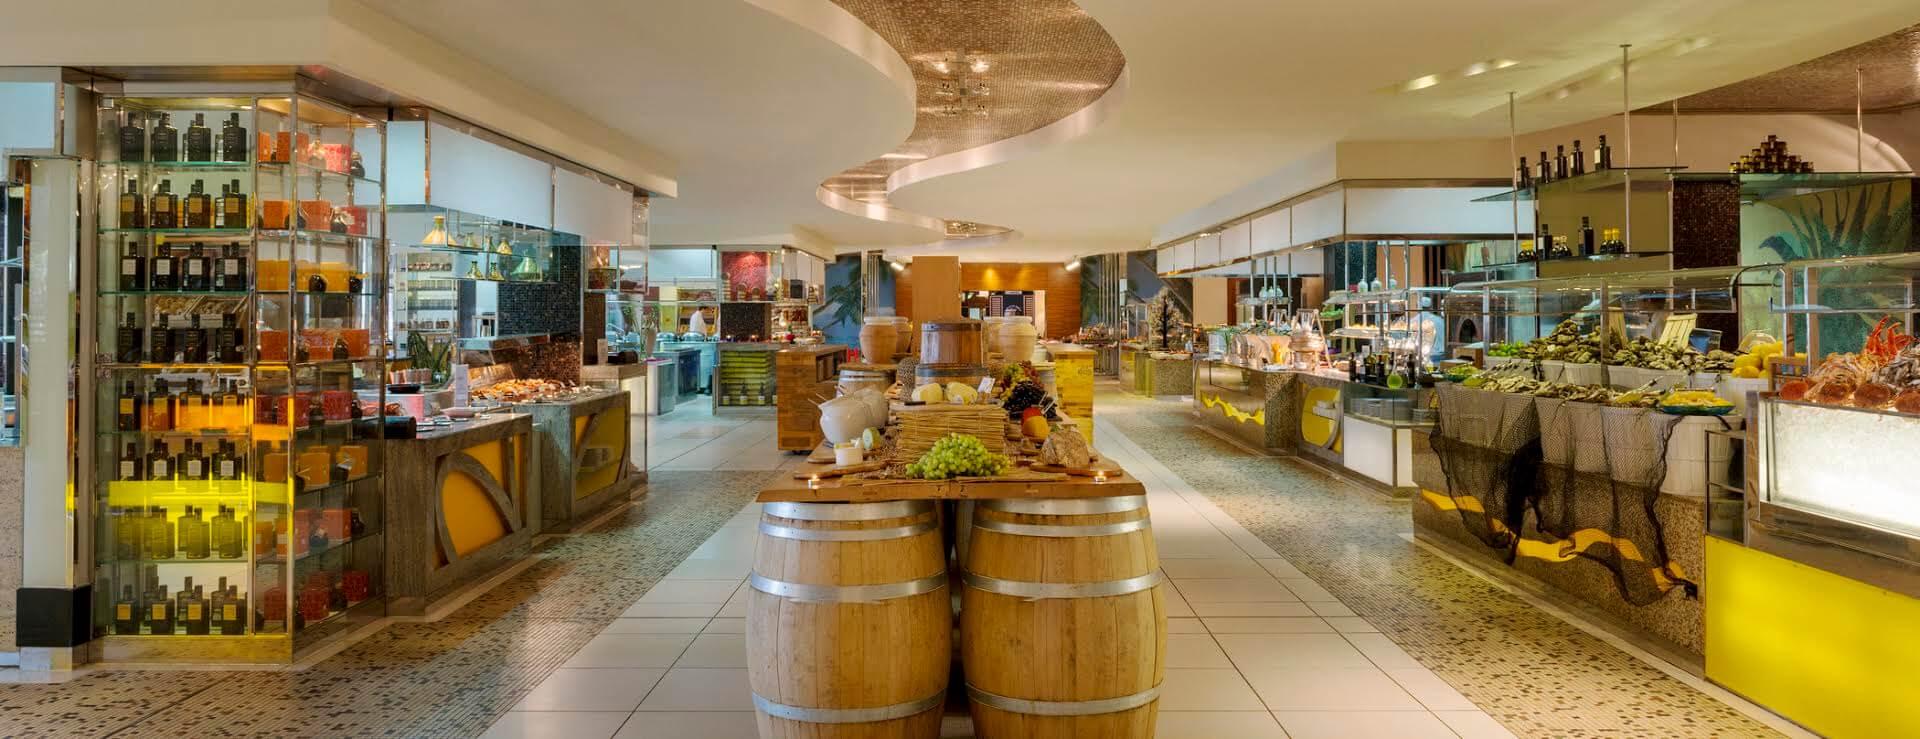 عروض مطاعم فندق ويستن دبي الميناء السياحي خلال رمضان 2017